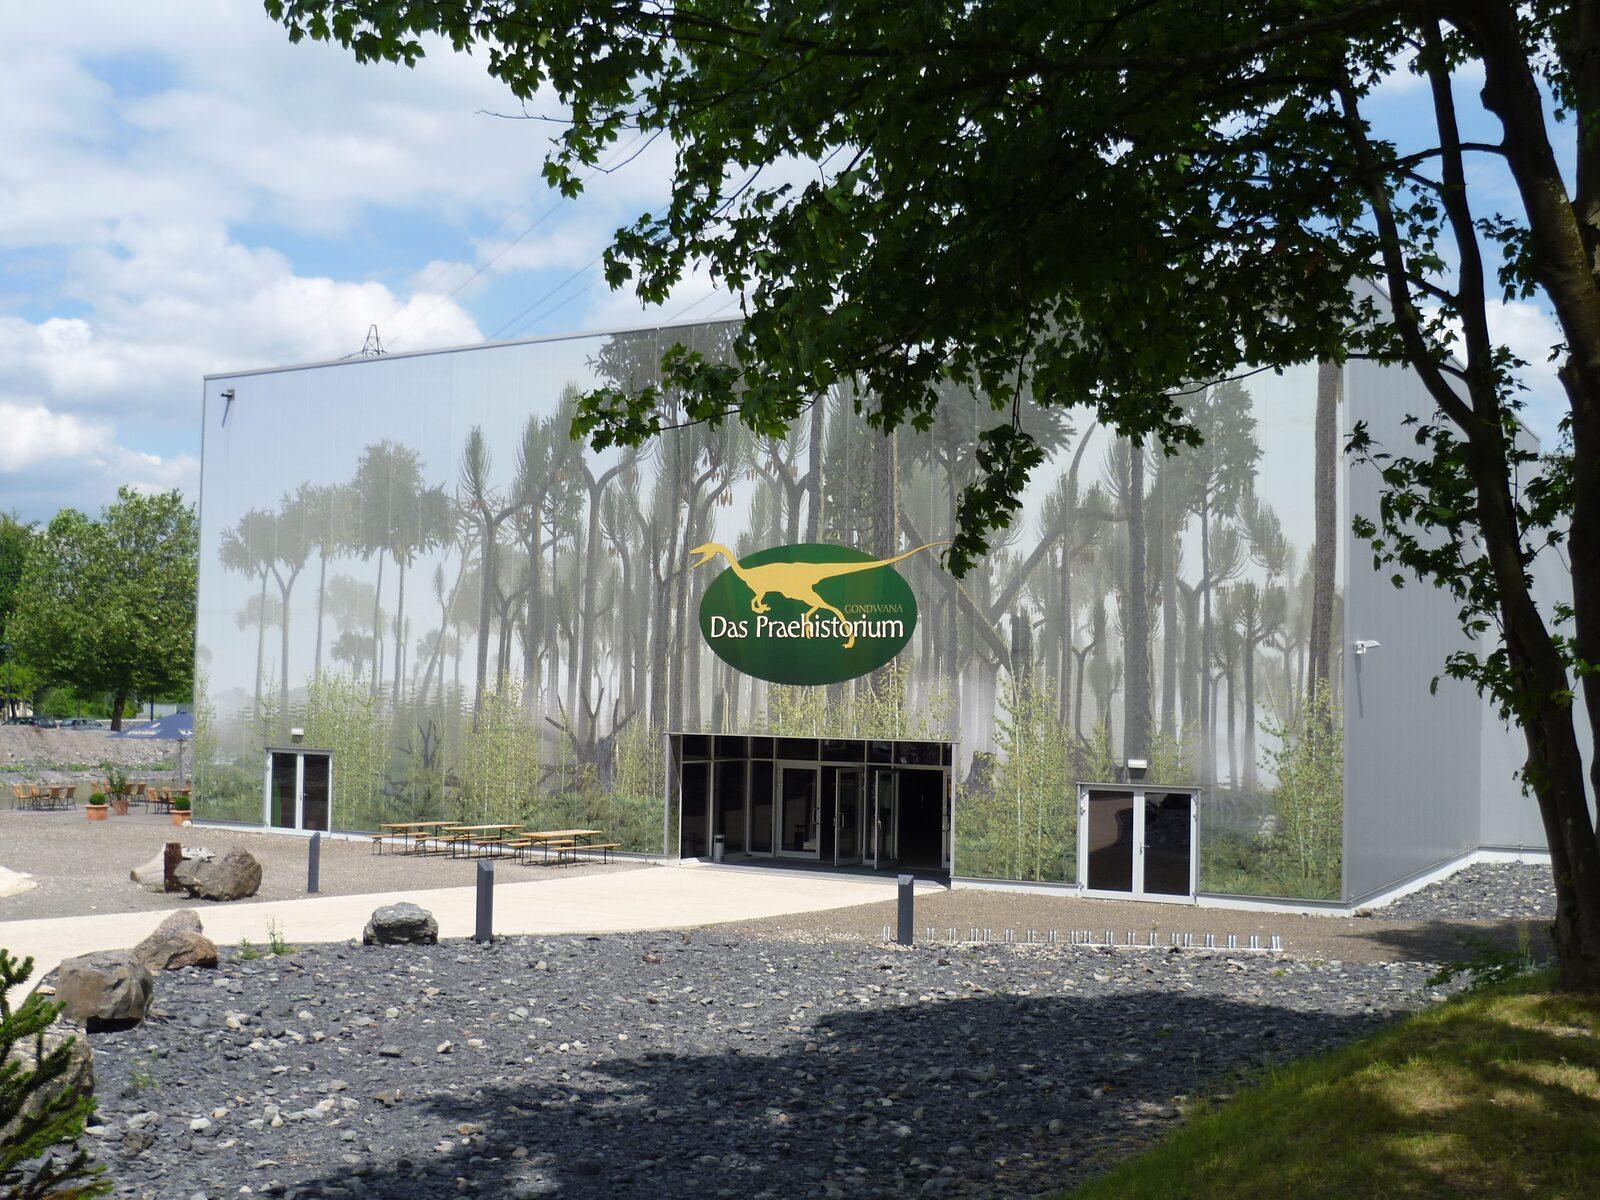 Prehistoric museum Gondwana